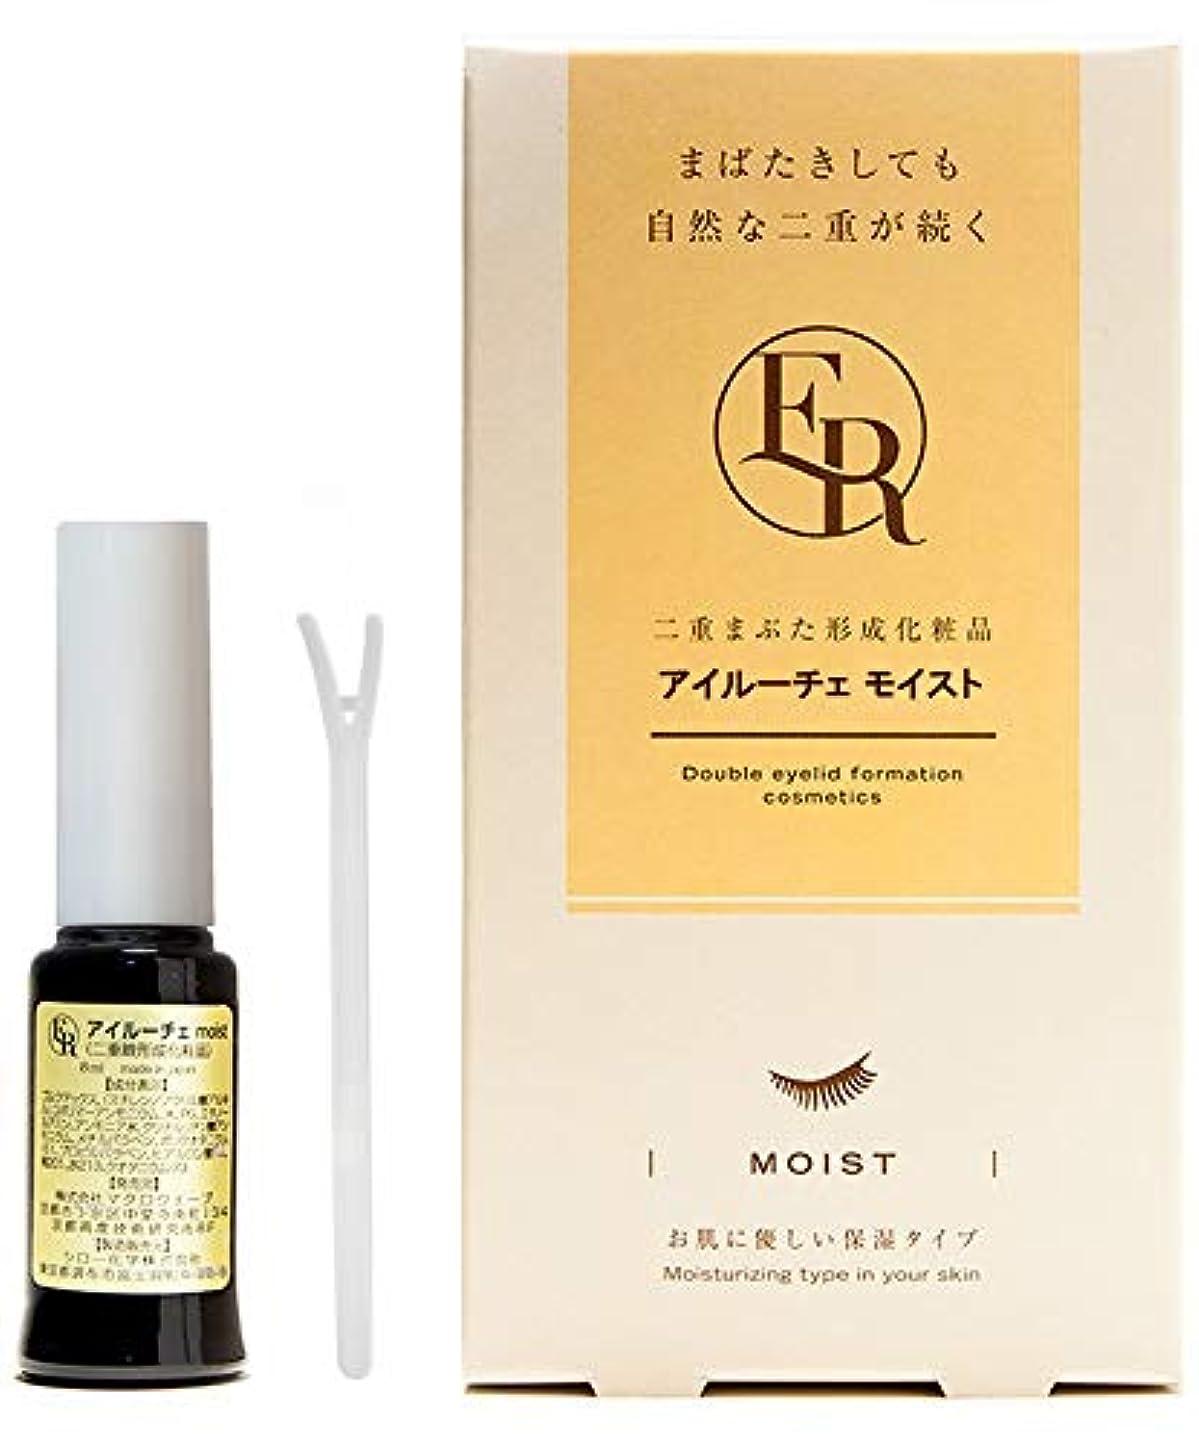 保証するケーブルカーお酢アイルーチェ モイスト 8ml 二重まぶた形成化粧品 mer8mv2